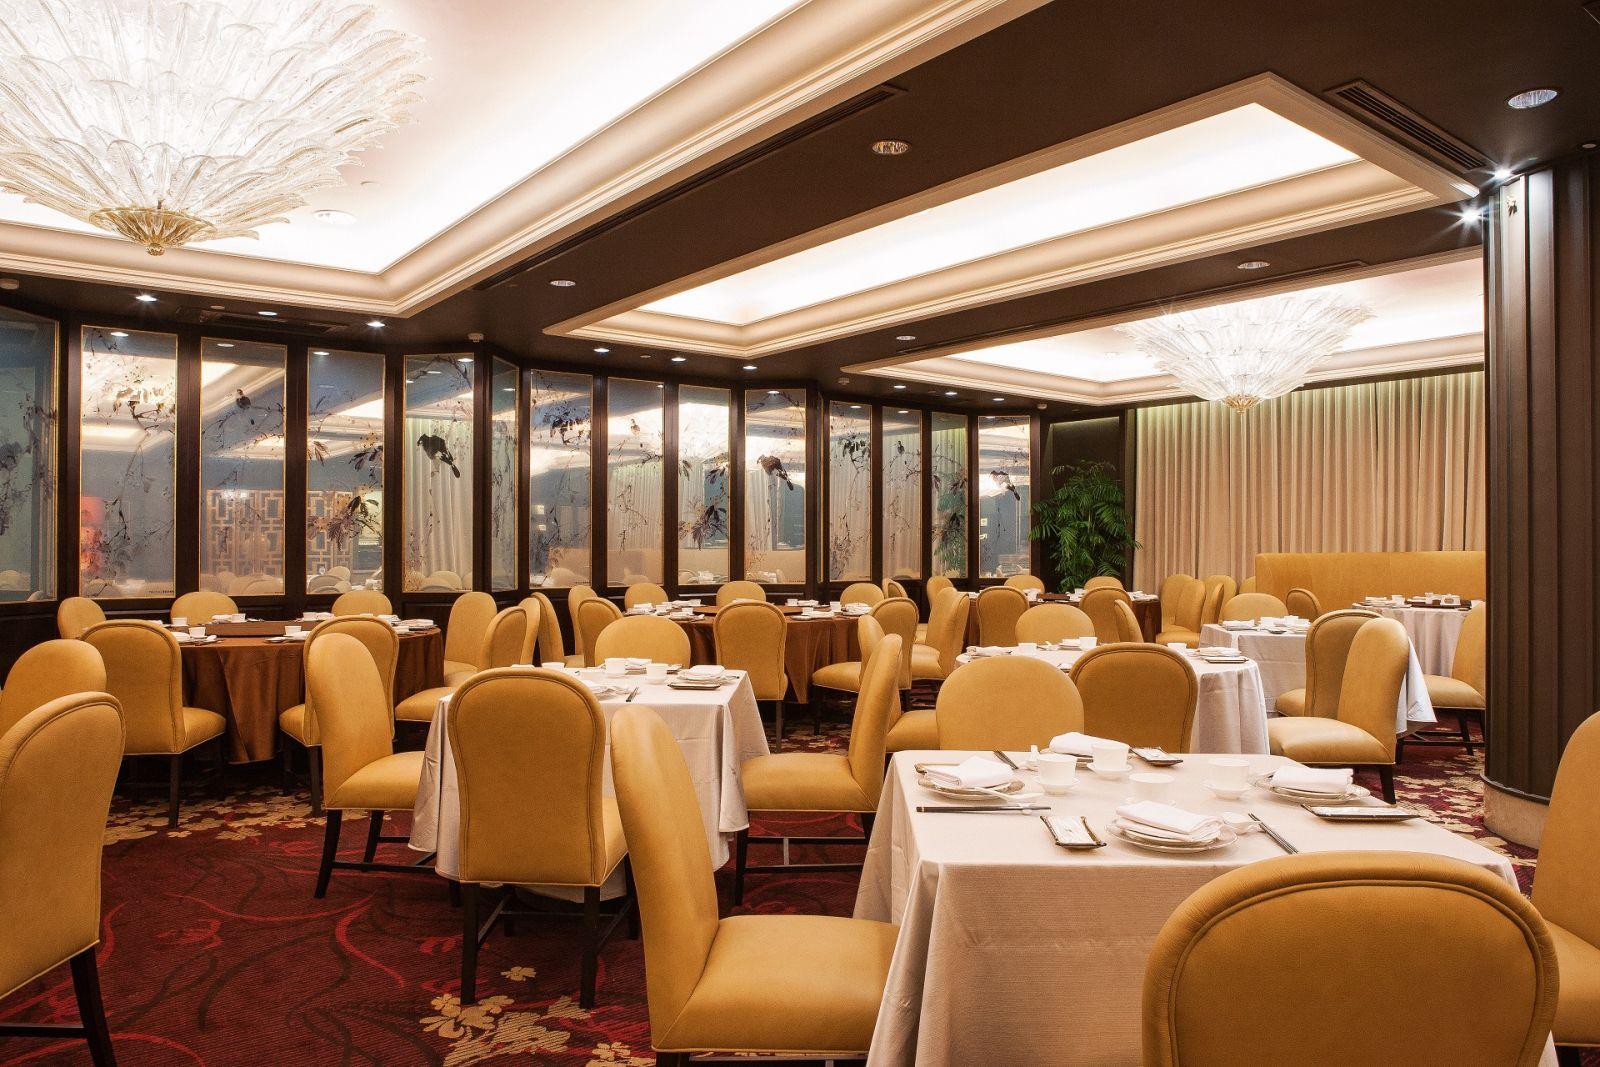 富邦國賓大飯店聯名卡 精選餐廳平日9折‧假日95折